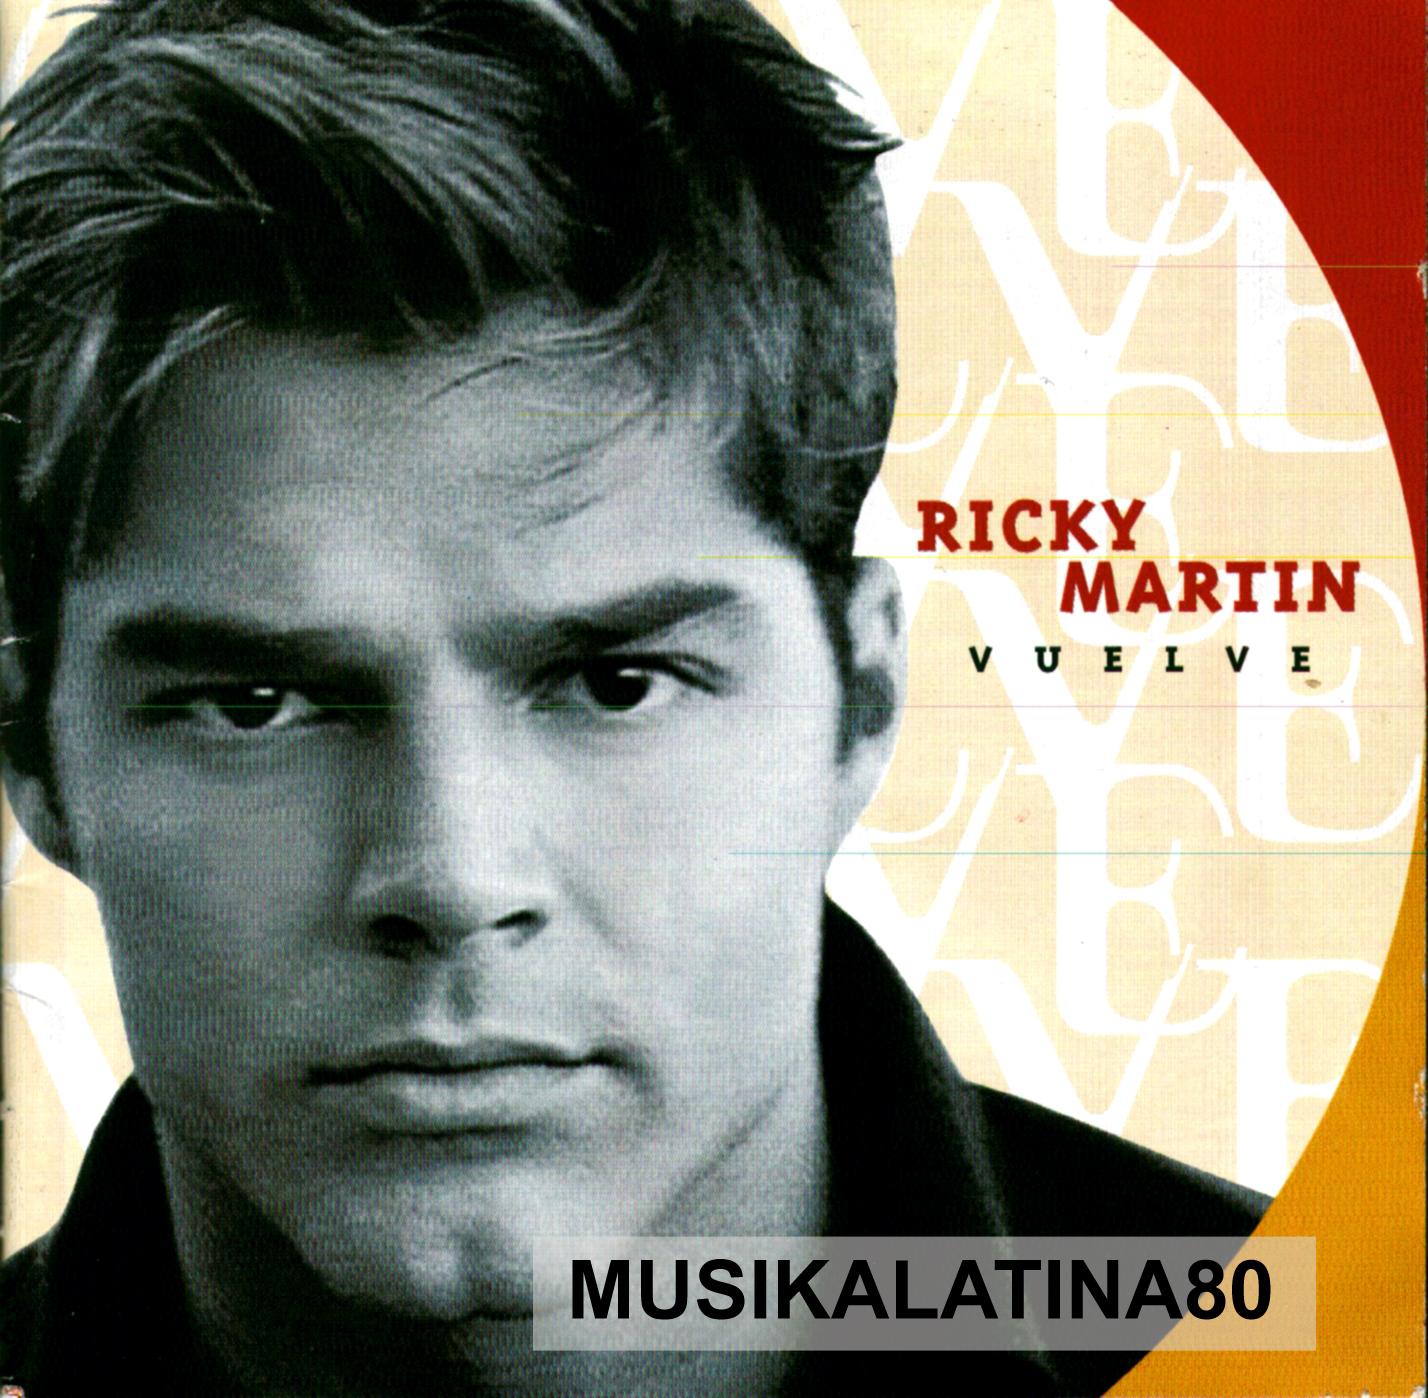 http://2.bp.blogspot.com/_L2UkpSs_Q3c/TPZwGYsRP8I/AAAAAAAAAIs/zrs9StTfRTM/s1600/Ricky+Martin+-+Vuelve+%2528Front%2529.jpg